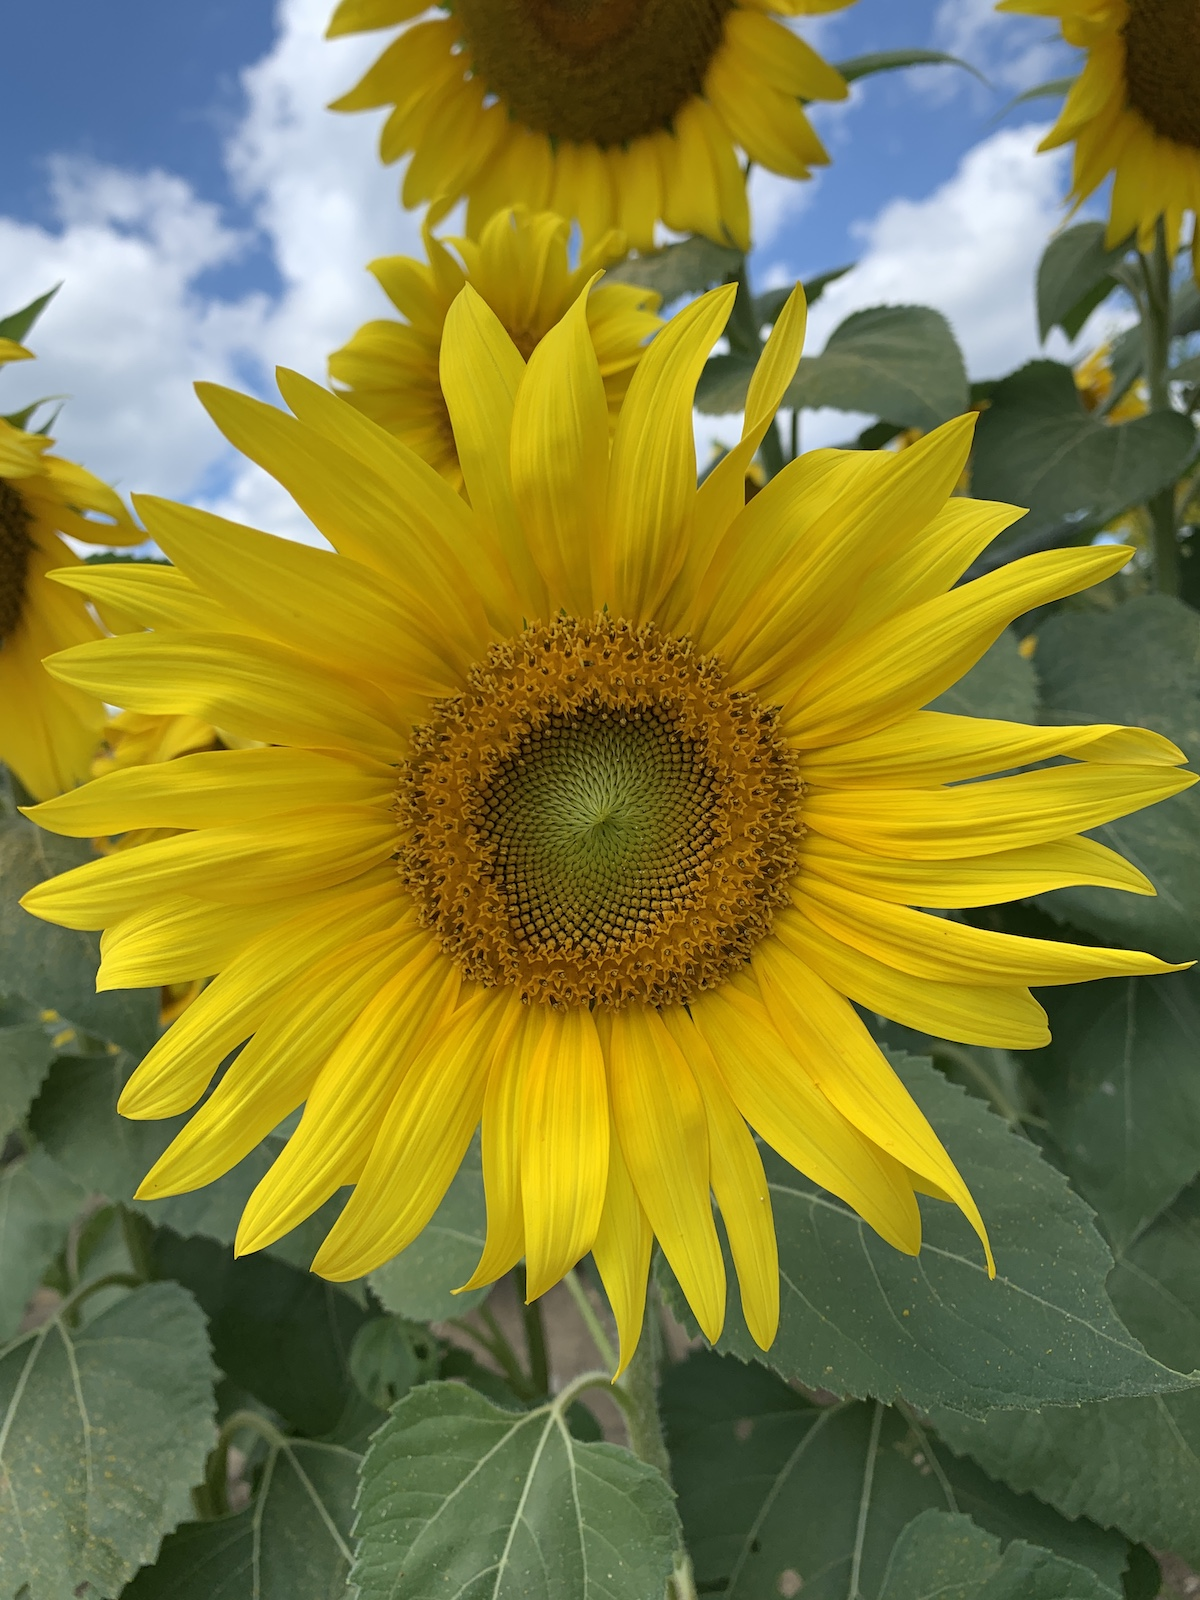 more sunflowers from urbana